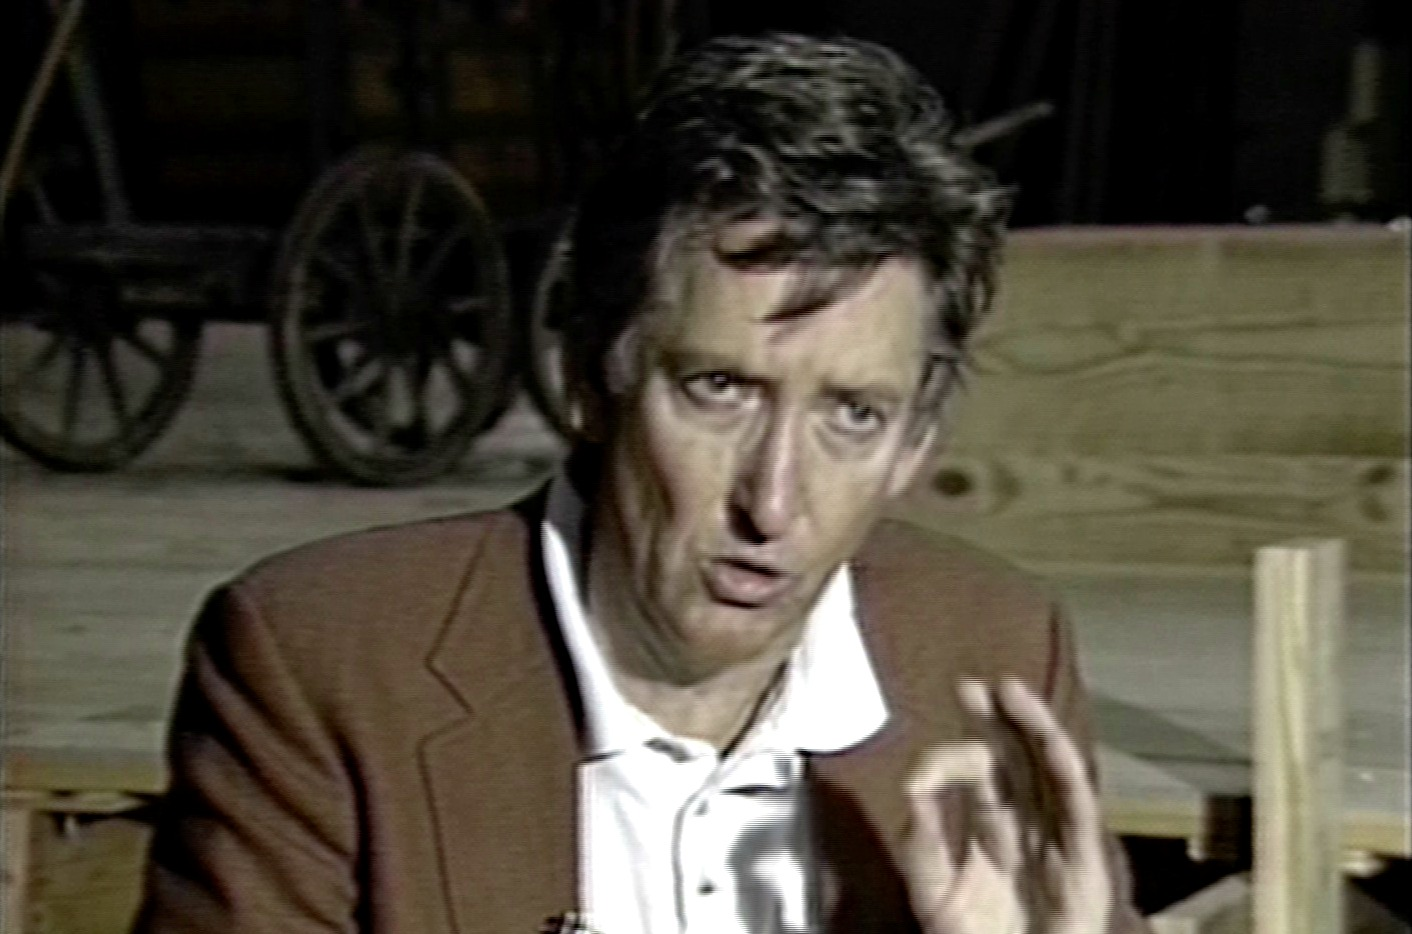 Adrian in 1987